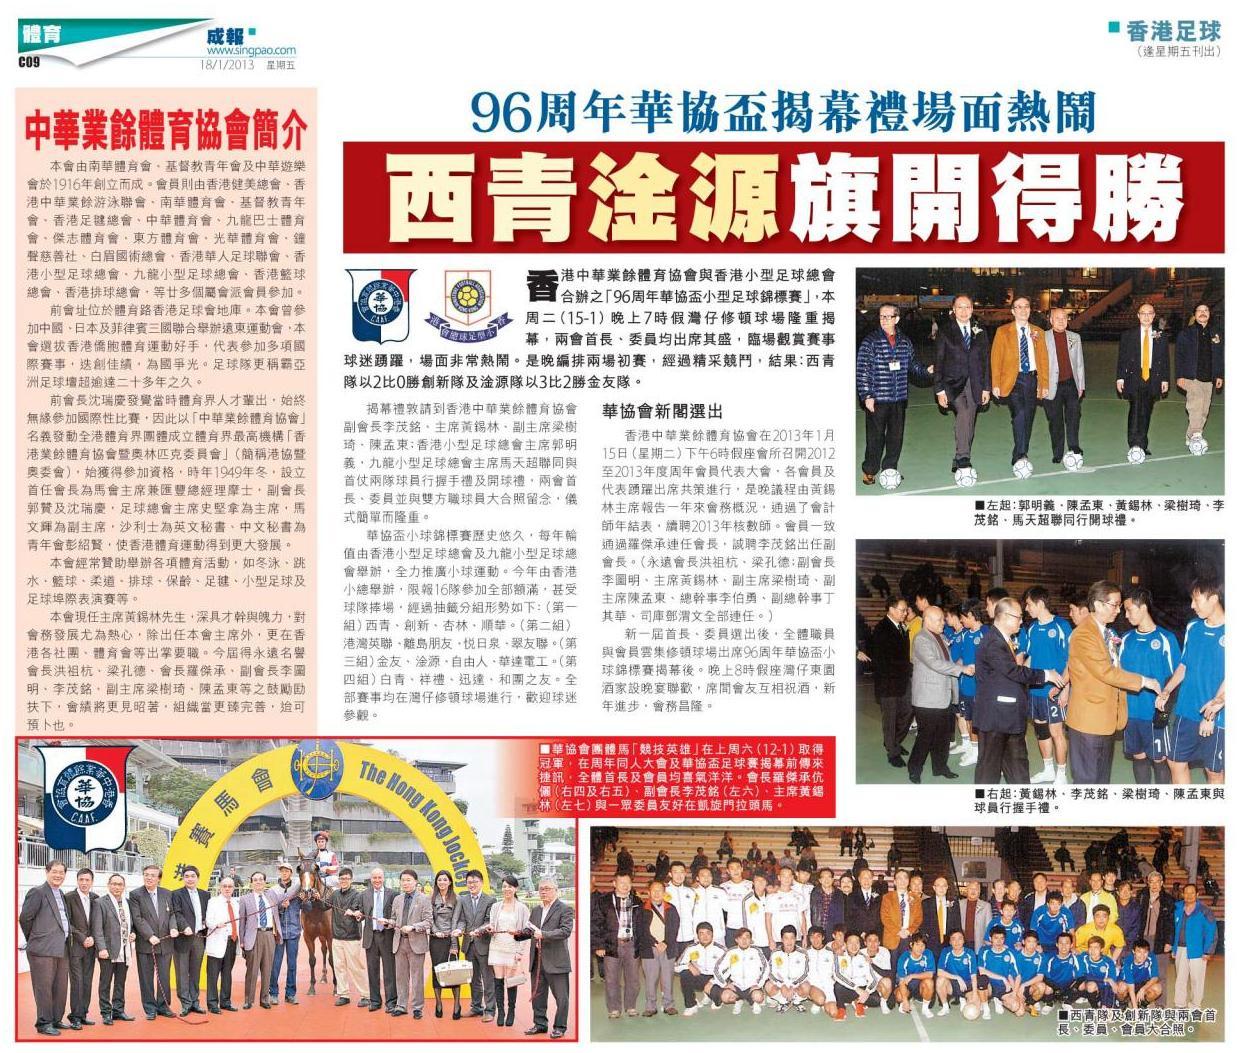 成報:96周年華協盃揭幕禮場面熱鬧